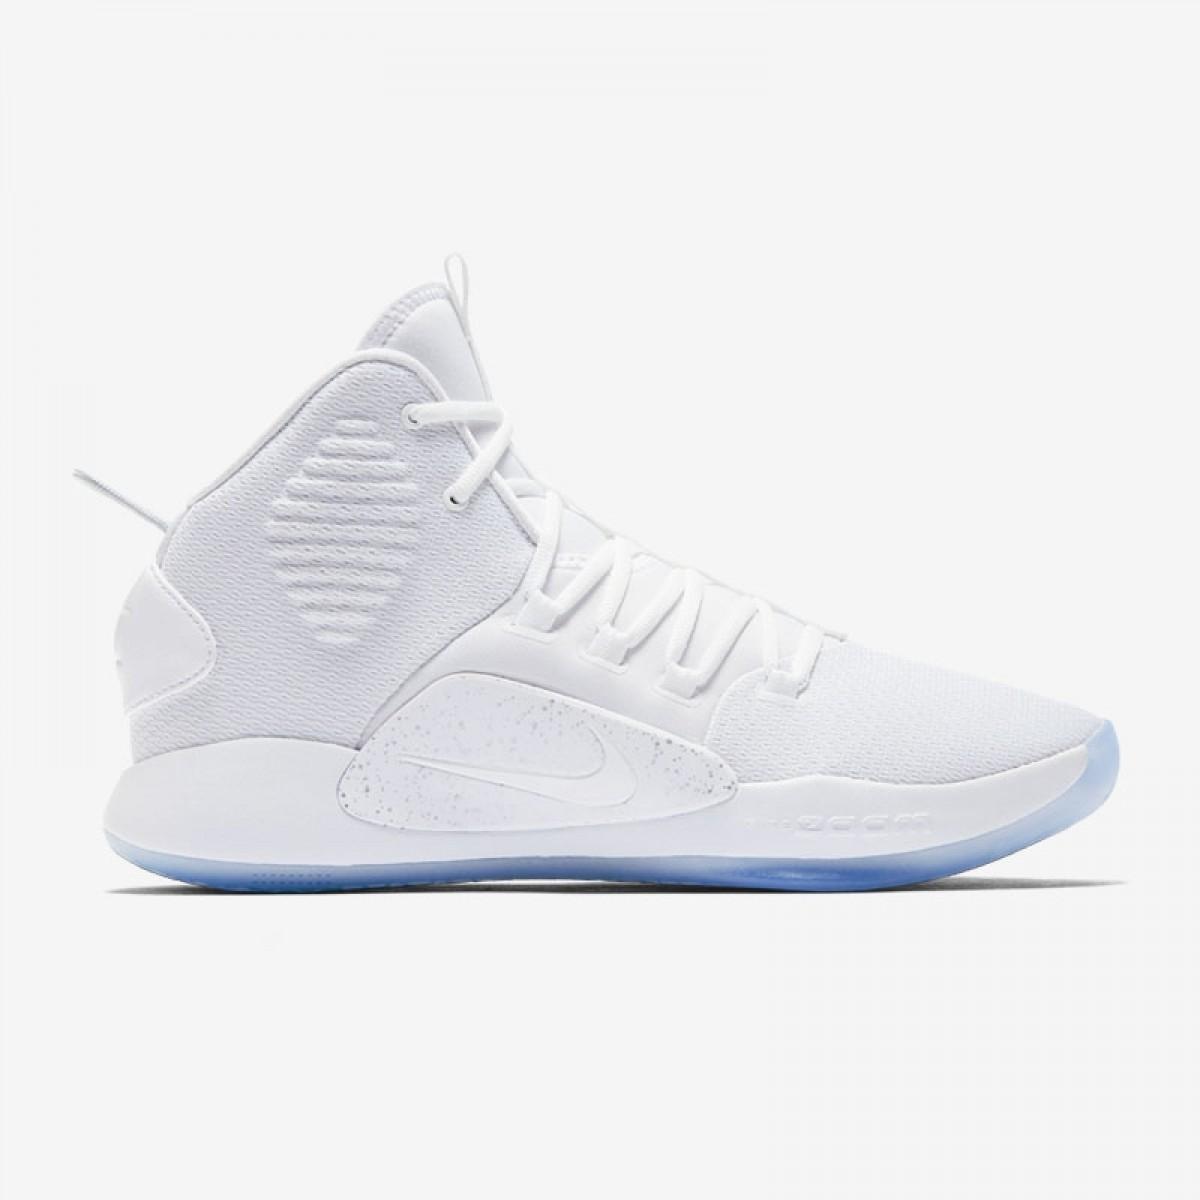 Nike Hyperdunk X TB 2018 'White'